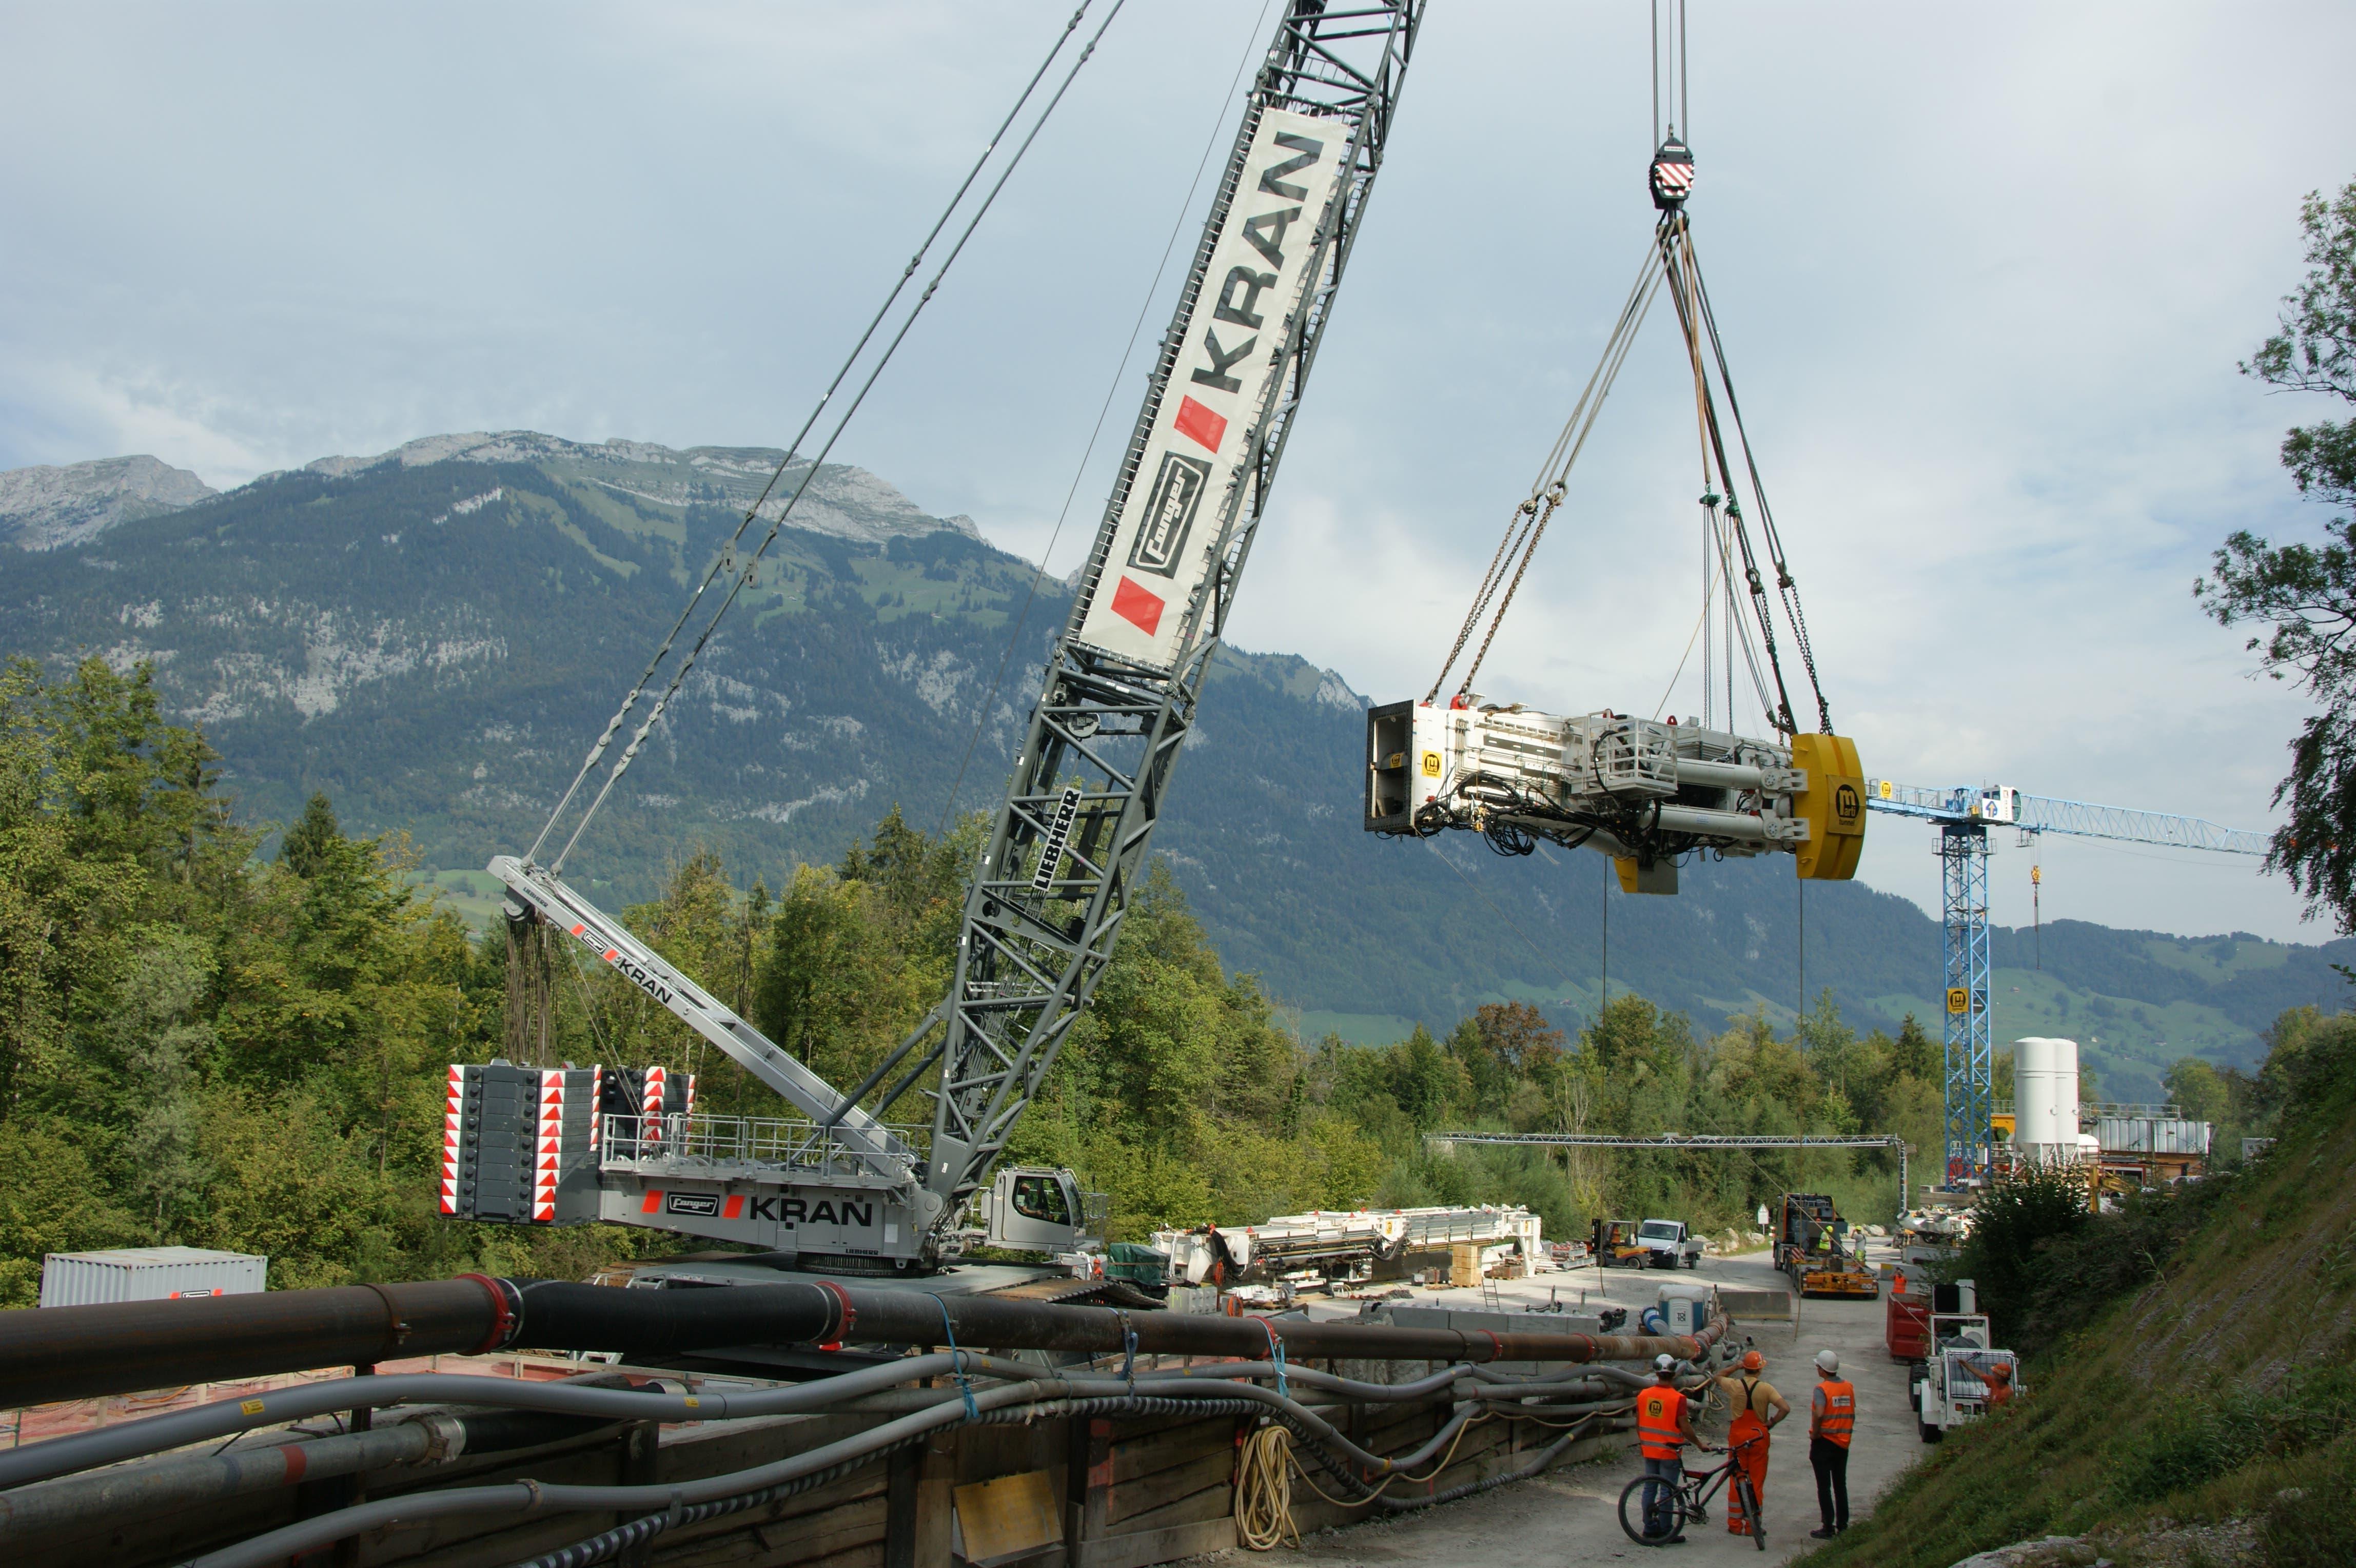 Das Maschinenrohr, mit 127 Tonnen das schwerste Teil der Tunnelbohrmaschine für den Hochwasserentlastungsstollen, wird mit einem der grössten Krane der Schweiz der Firma Fanger in die Baugrube auf der Baustelle Alpnach gehoben.